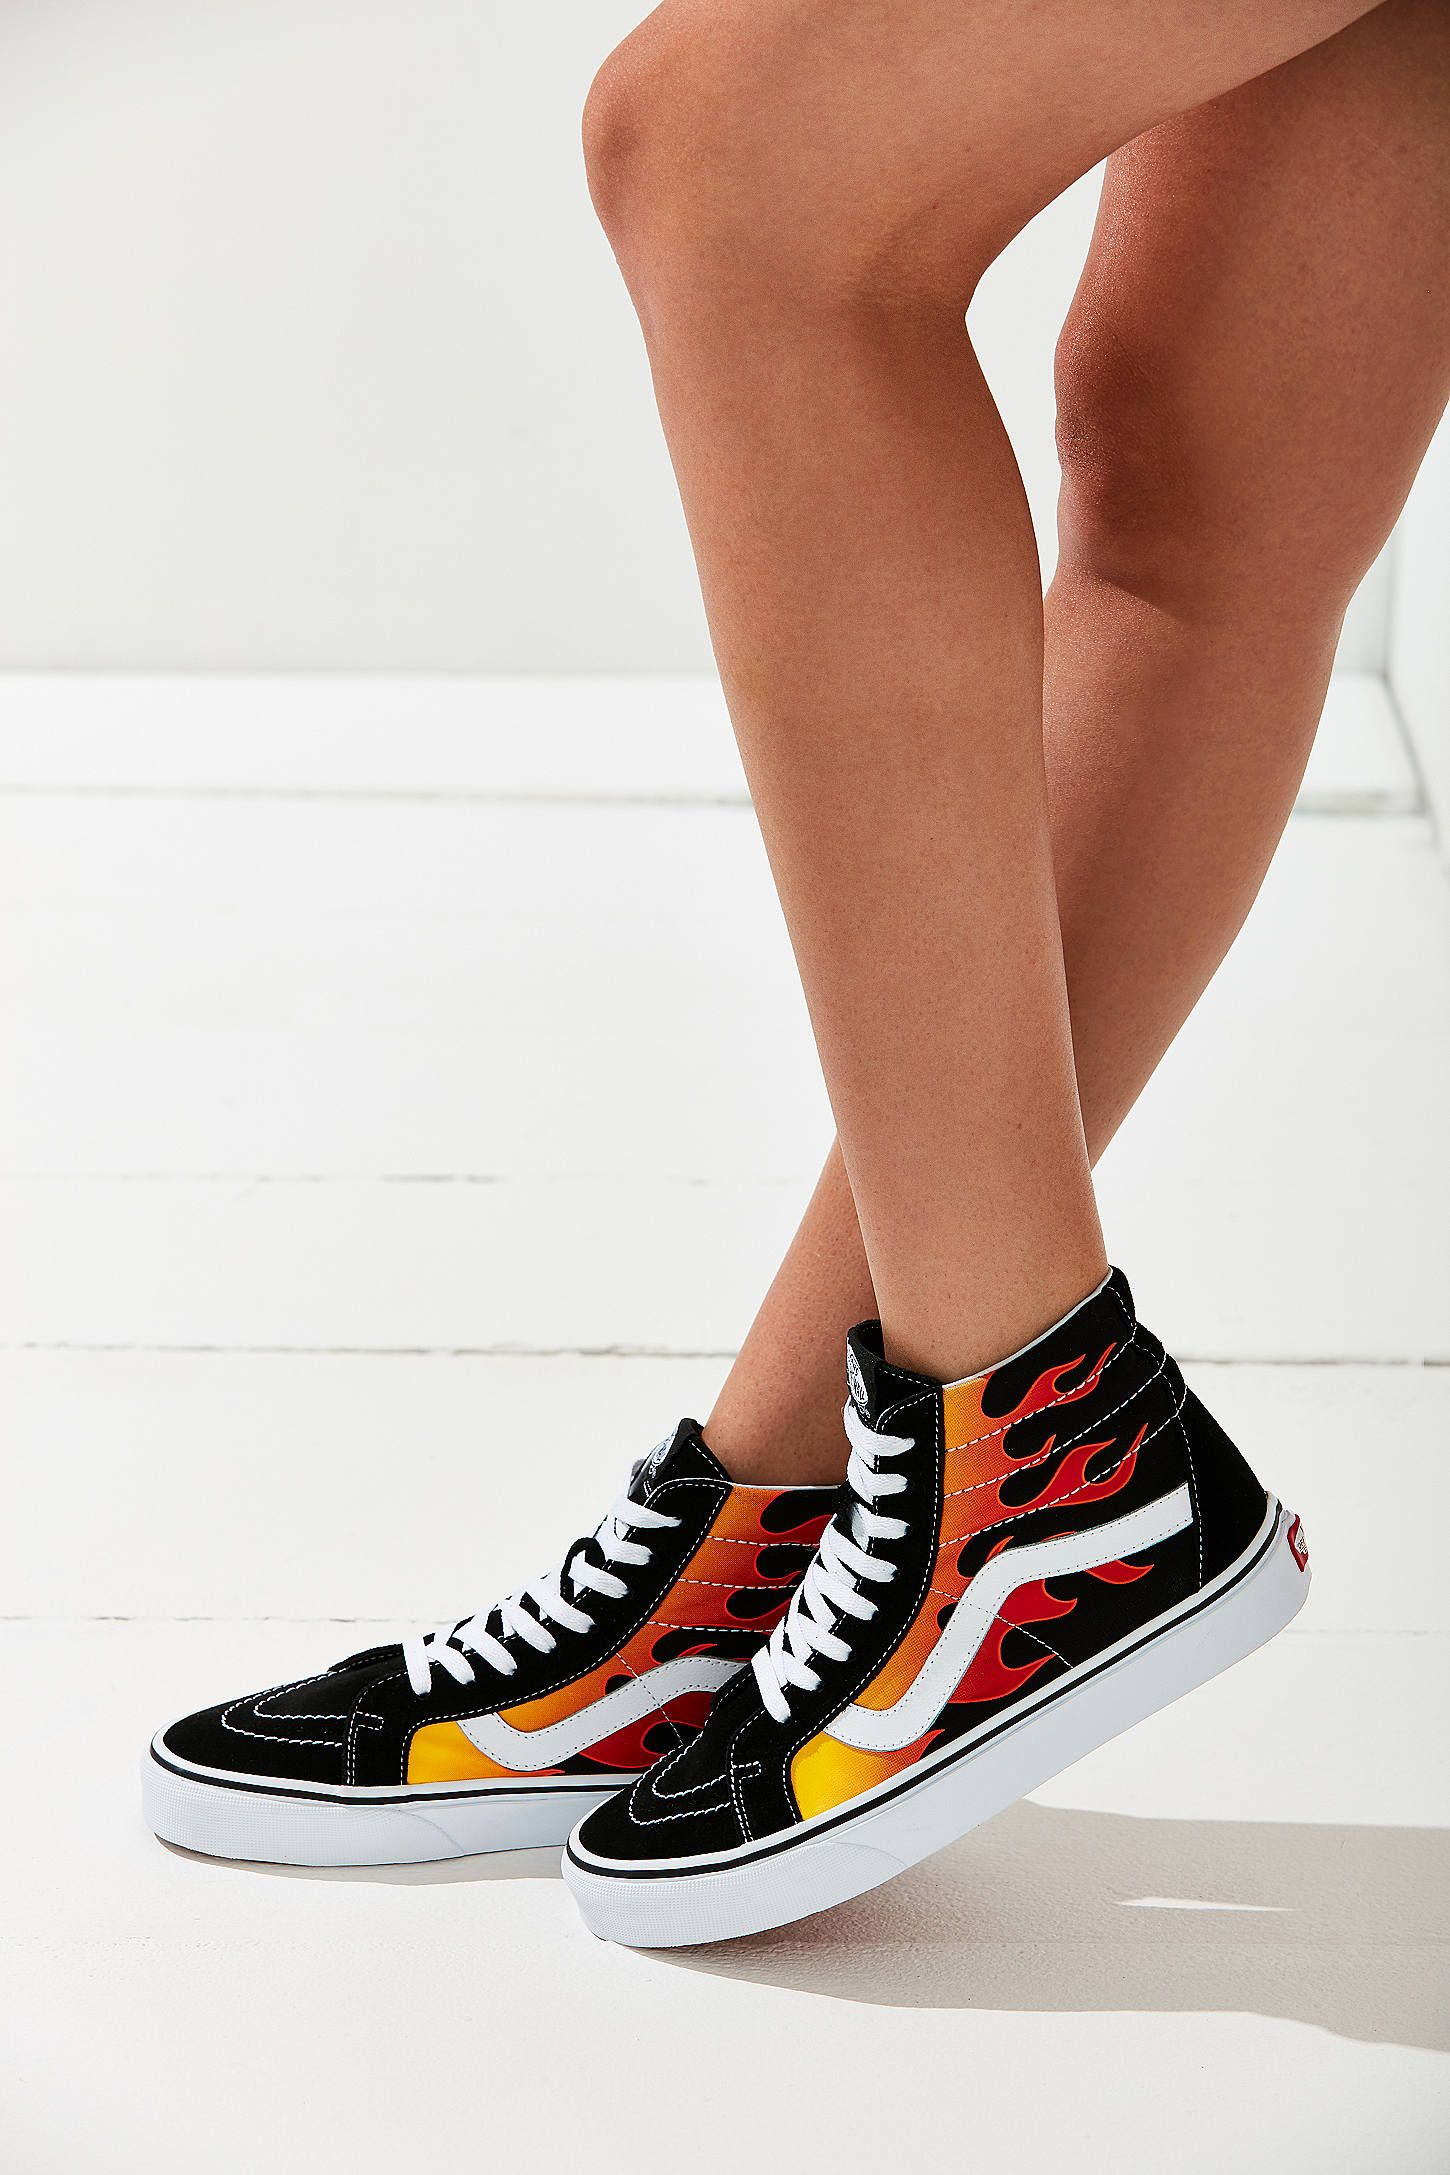 299fdad81776 Slide View  1  Vans Flame Sk8-Hi Reissue Sneaker